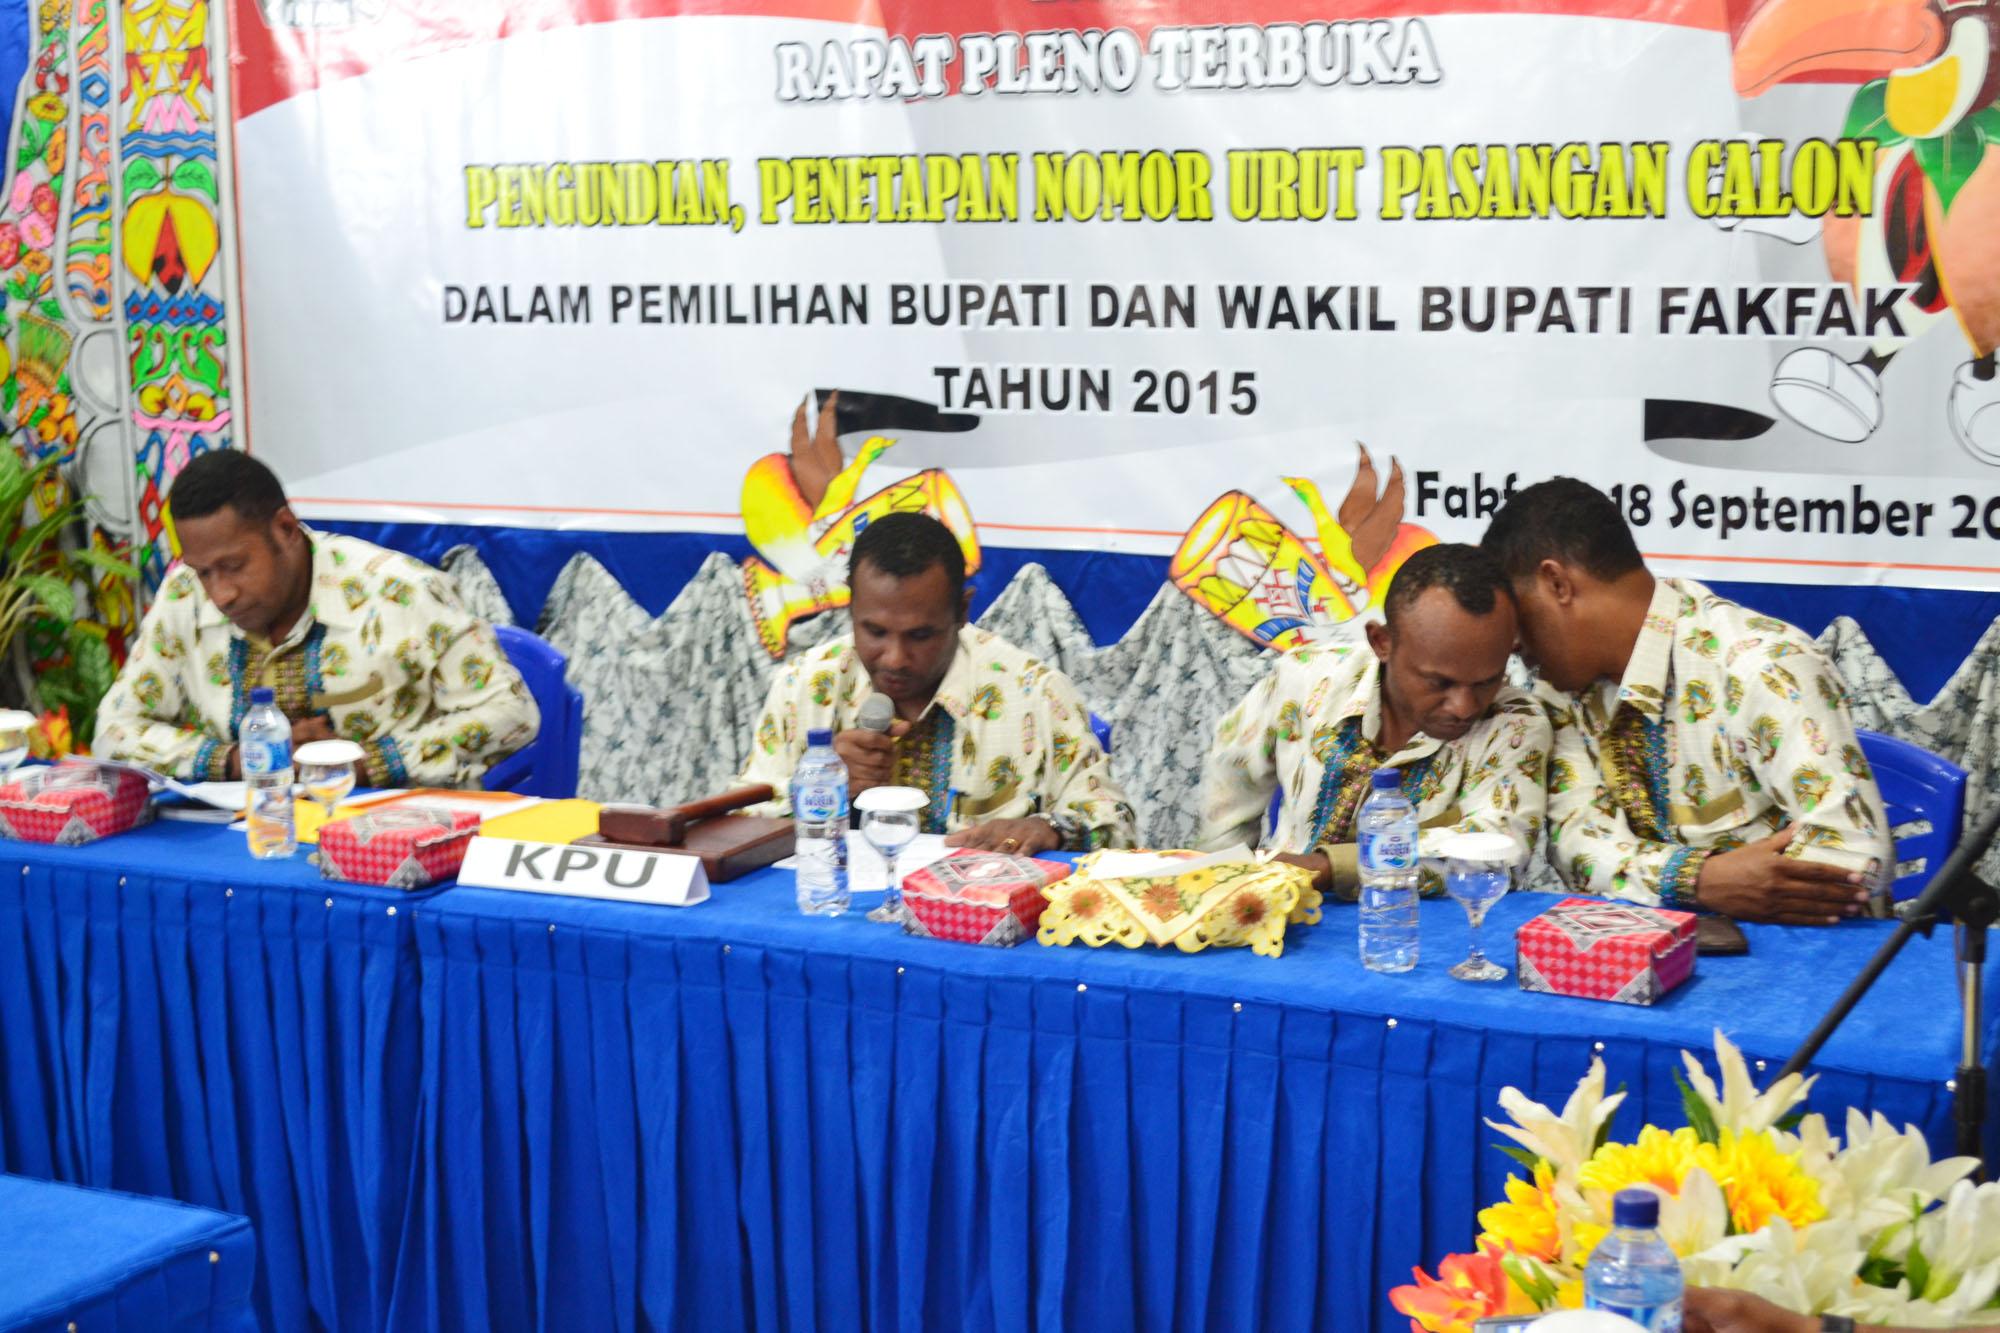 3 anggota dan 1 mantan anggota KPU dijadwalkan sidang DKPP